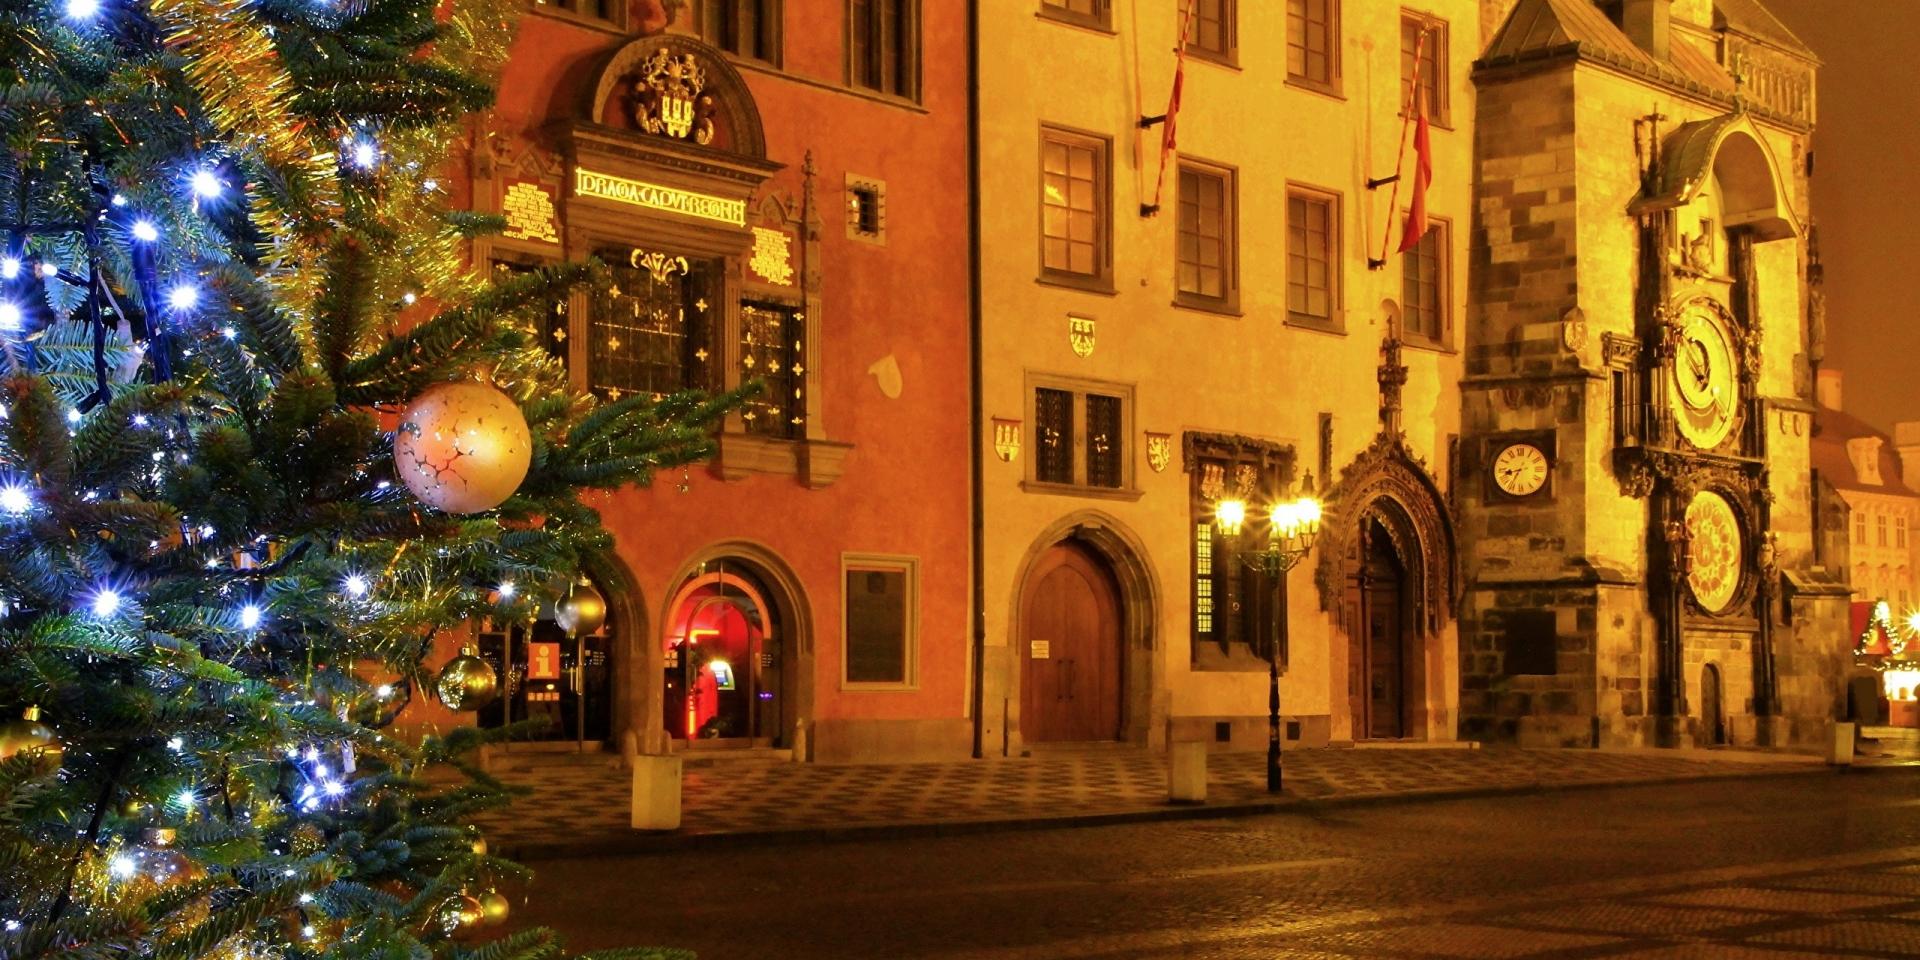 Прага на Новый год 2019 - туры, цены, отзывы, что посмотреть